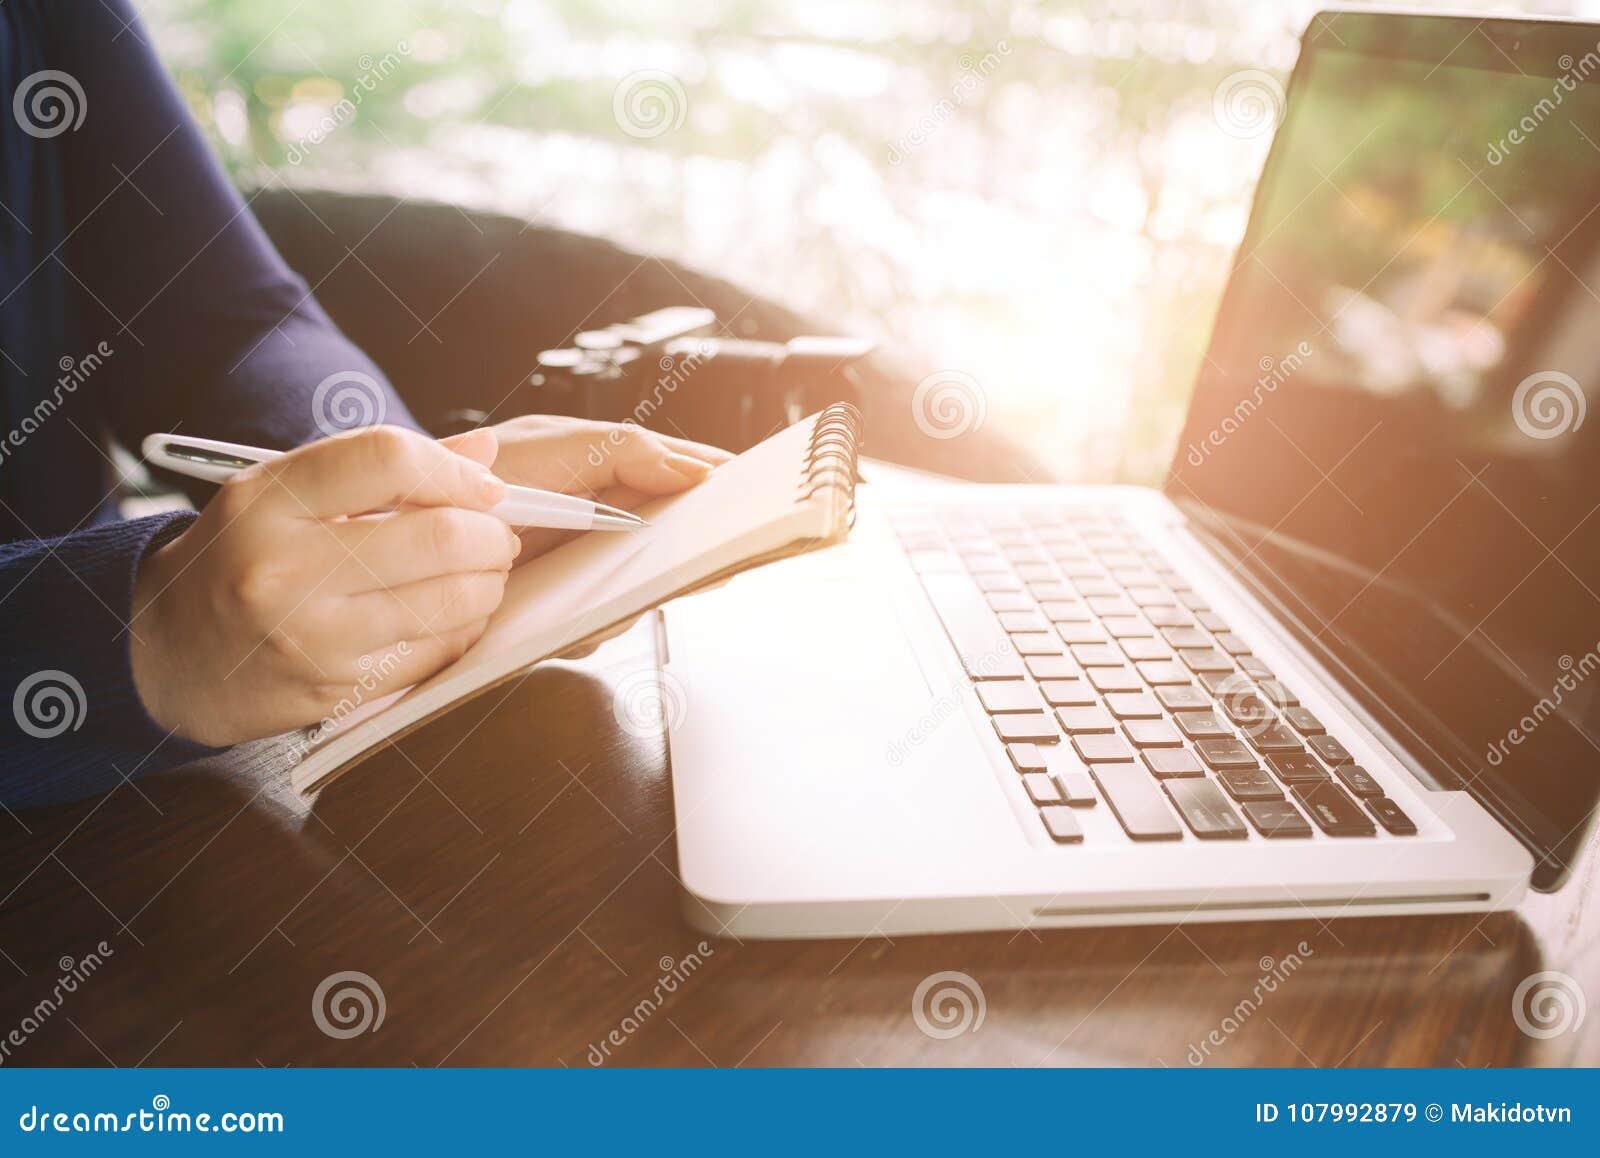 Imagen cosechada de la mujer joven que trabaja en casa peque a oficina imagen de archivo - Trabaja en casa ...